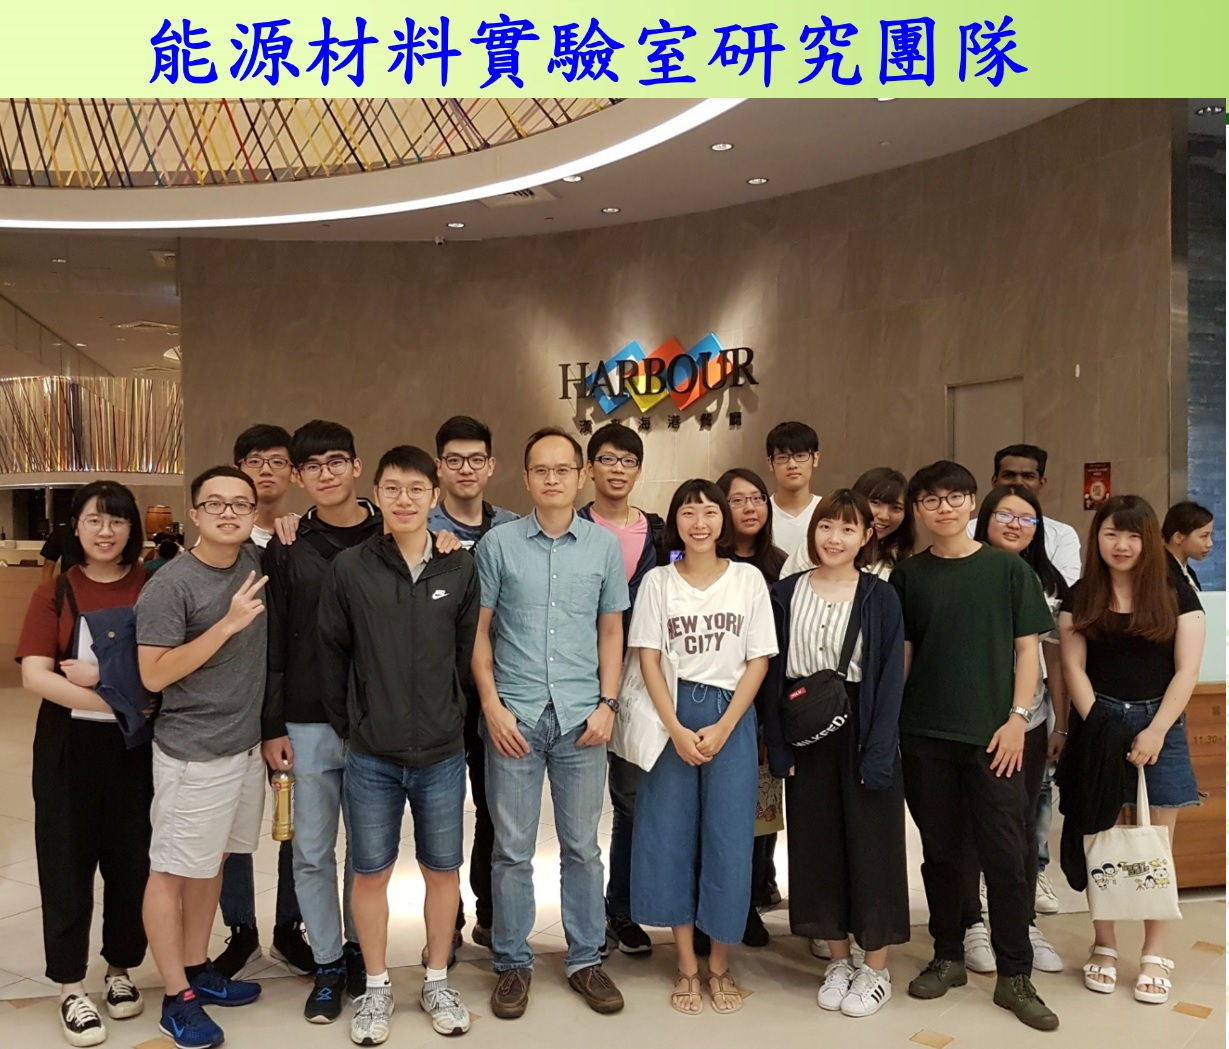 實驗室研討團隊照片 - 劉偉仁